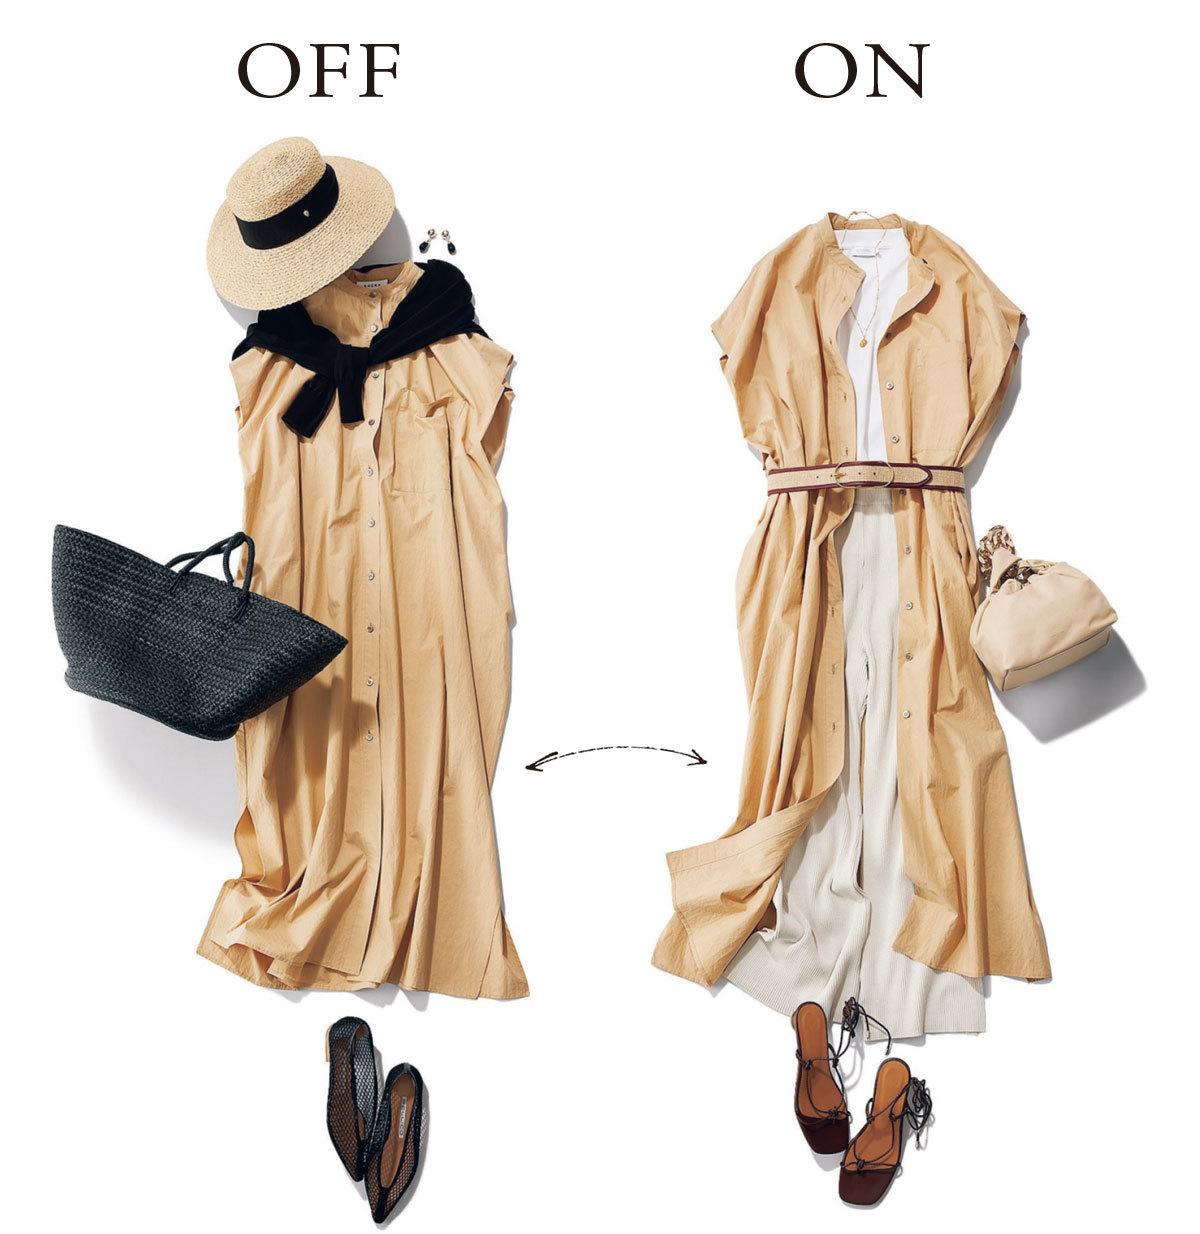 未発売のGU、ここだけの話から今季「ブリックレッド」のドレスを選ぶ理由まで【ファッション人気記事ランキングトップ10】_1_3